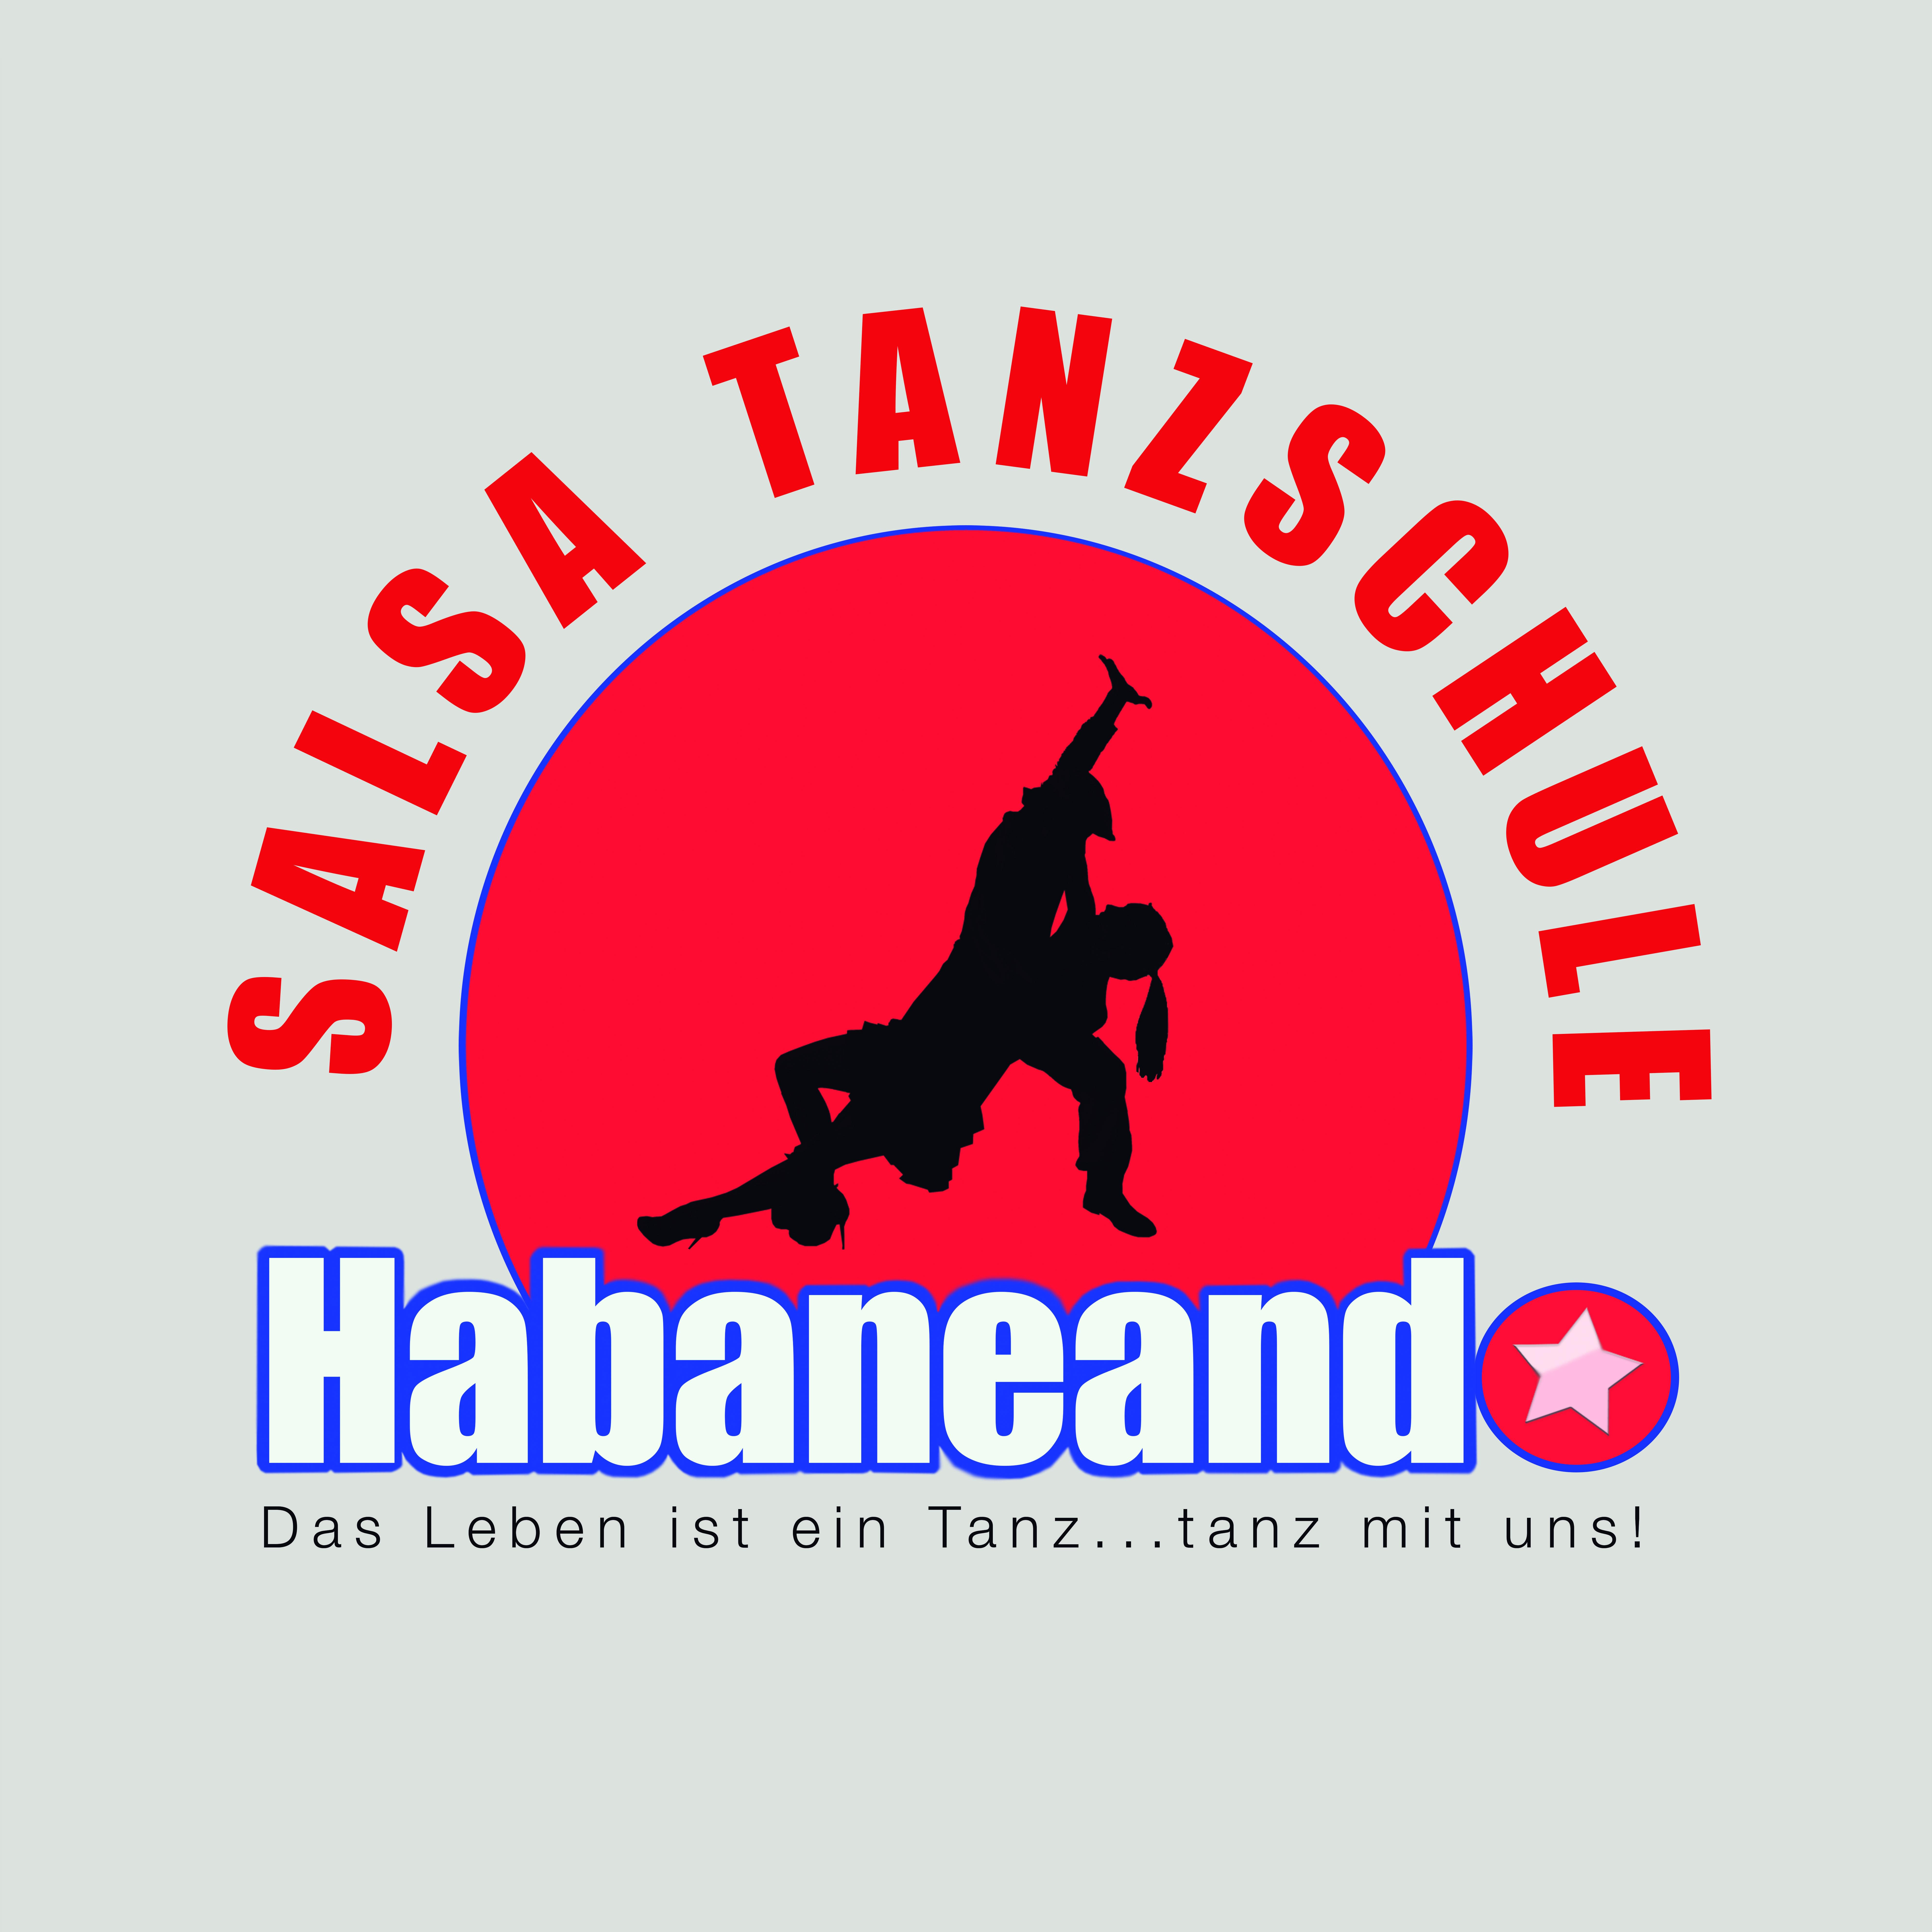 Logo Salsa Tanzschule Habaneando